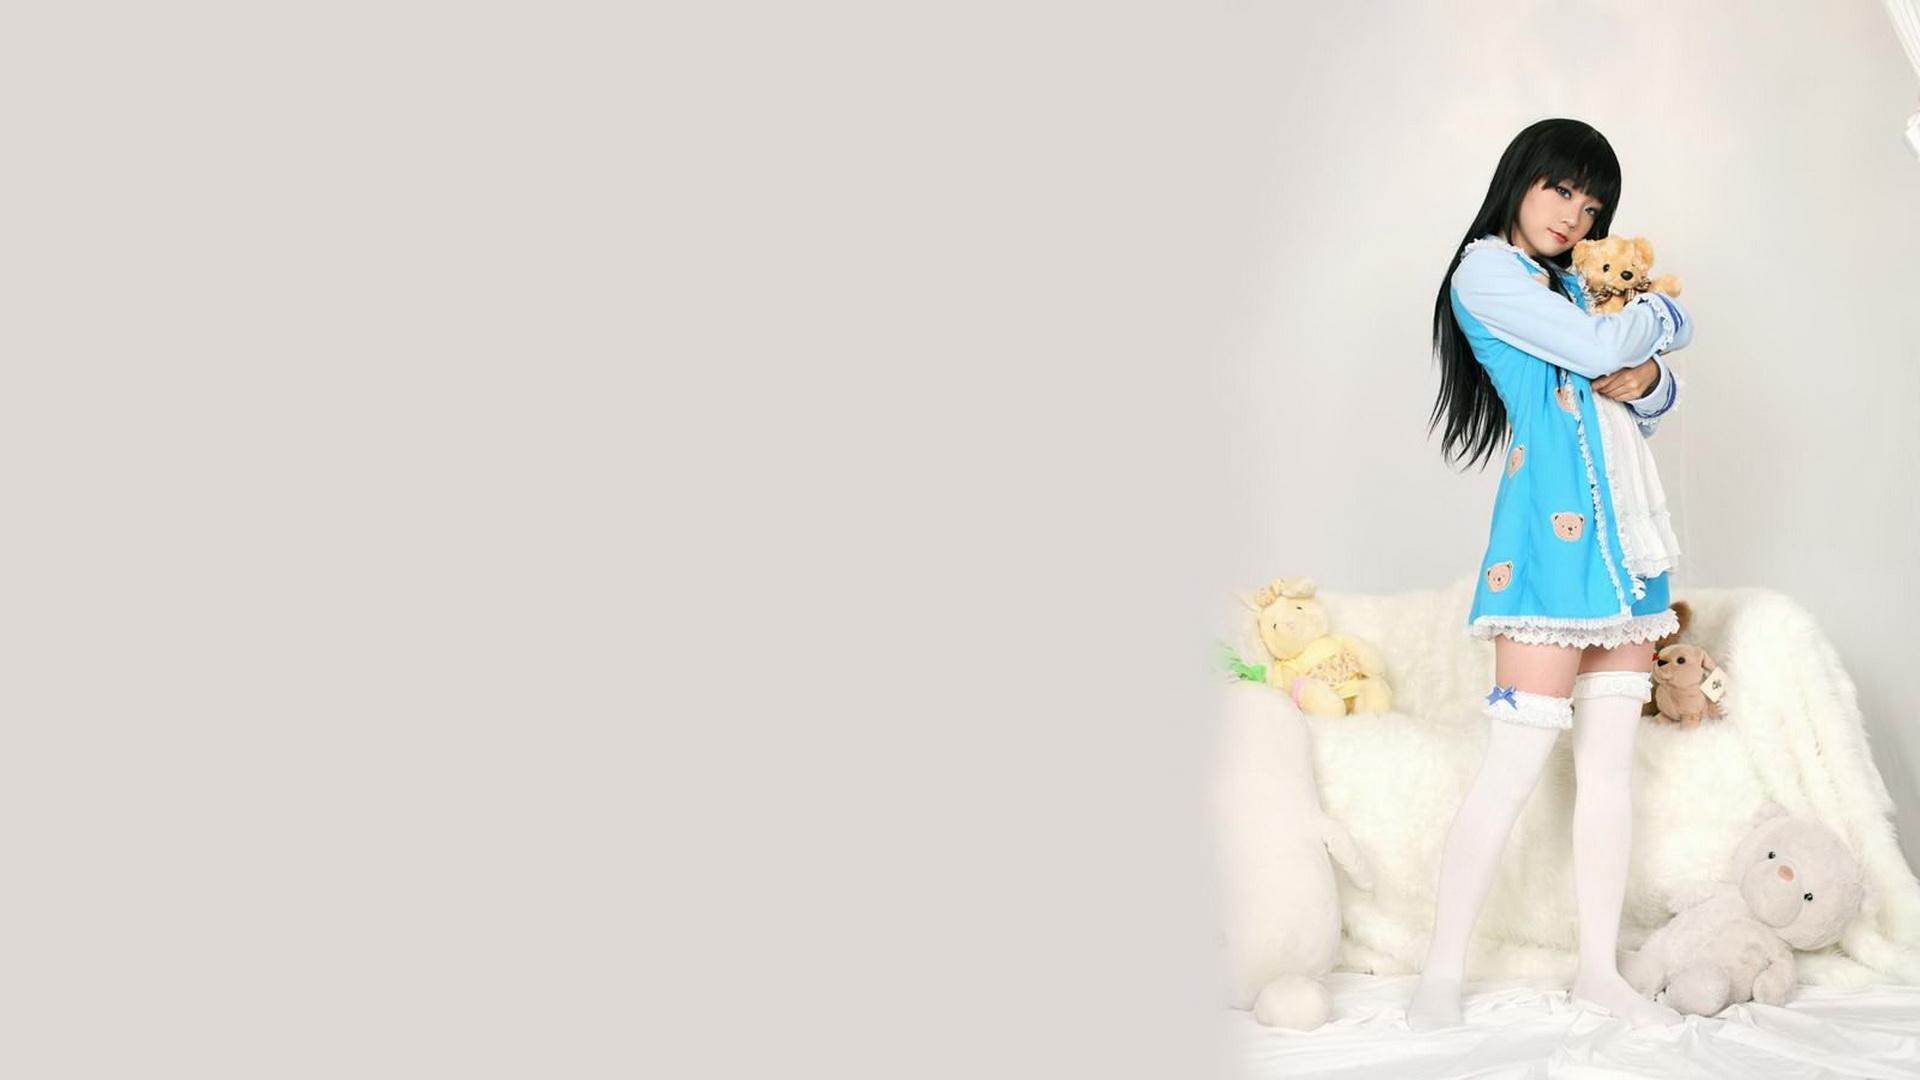 卡通-可爱小女生(1920x1080)壁纸